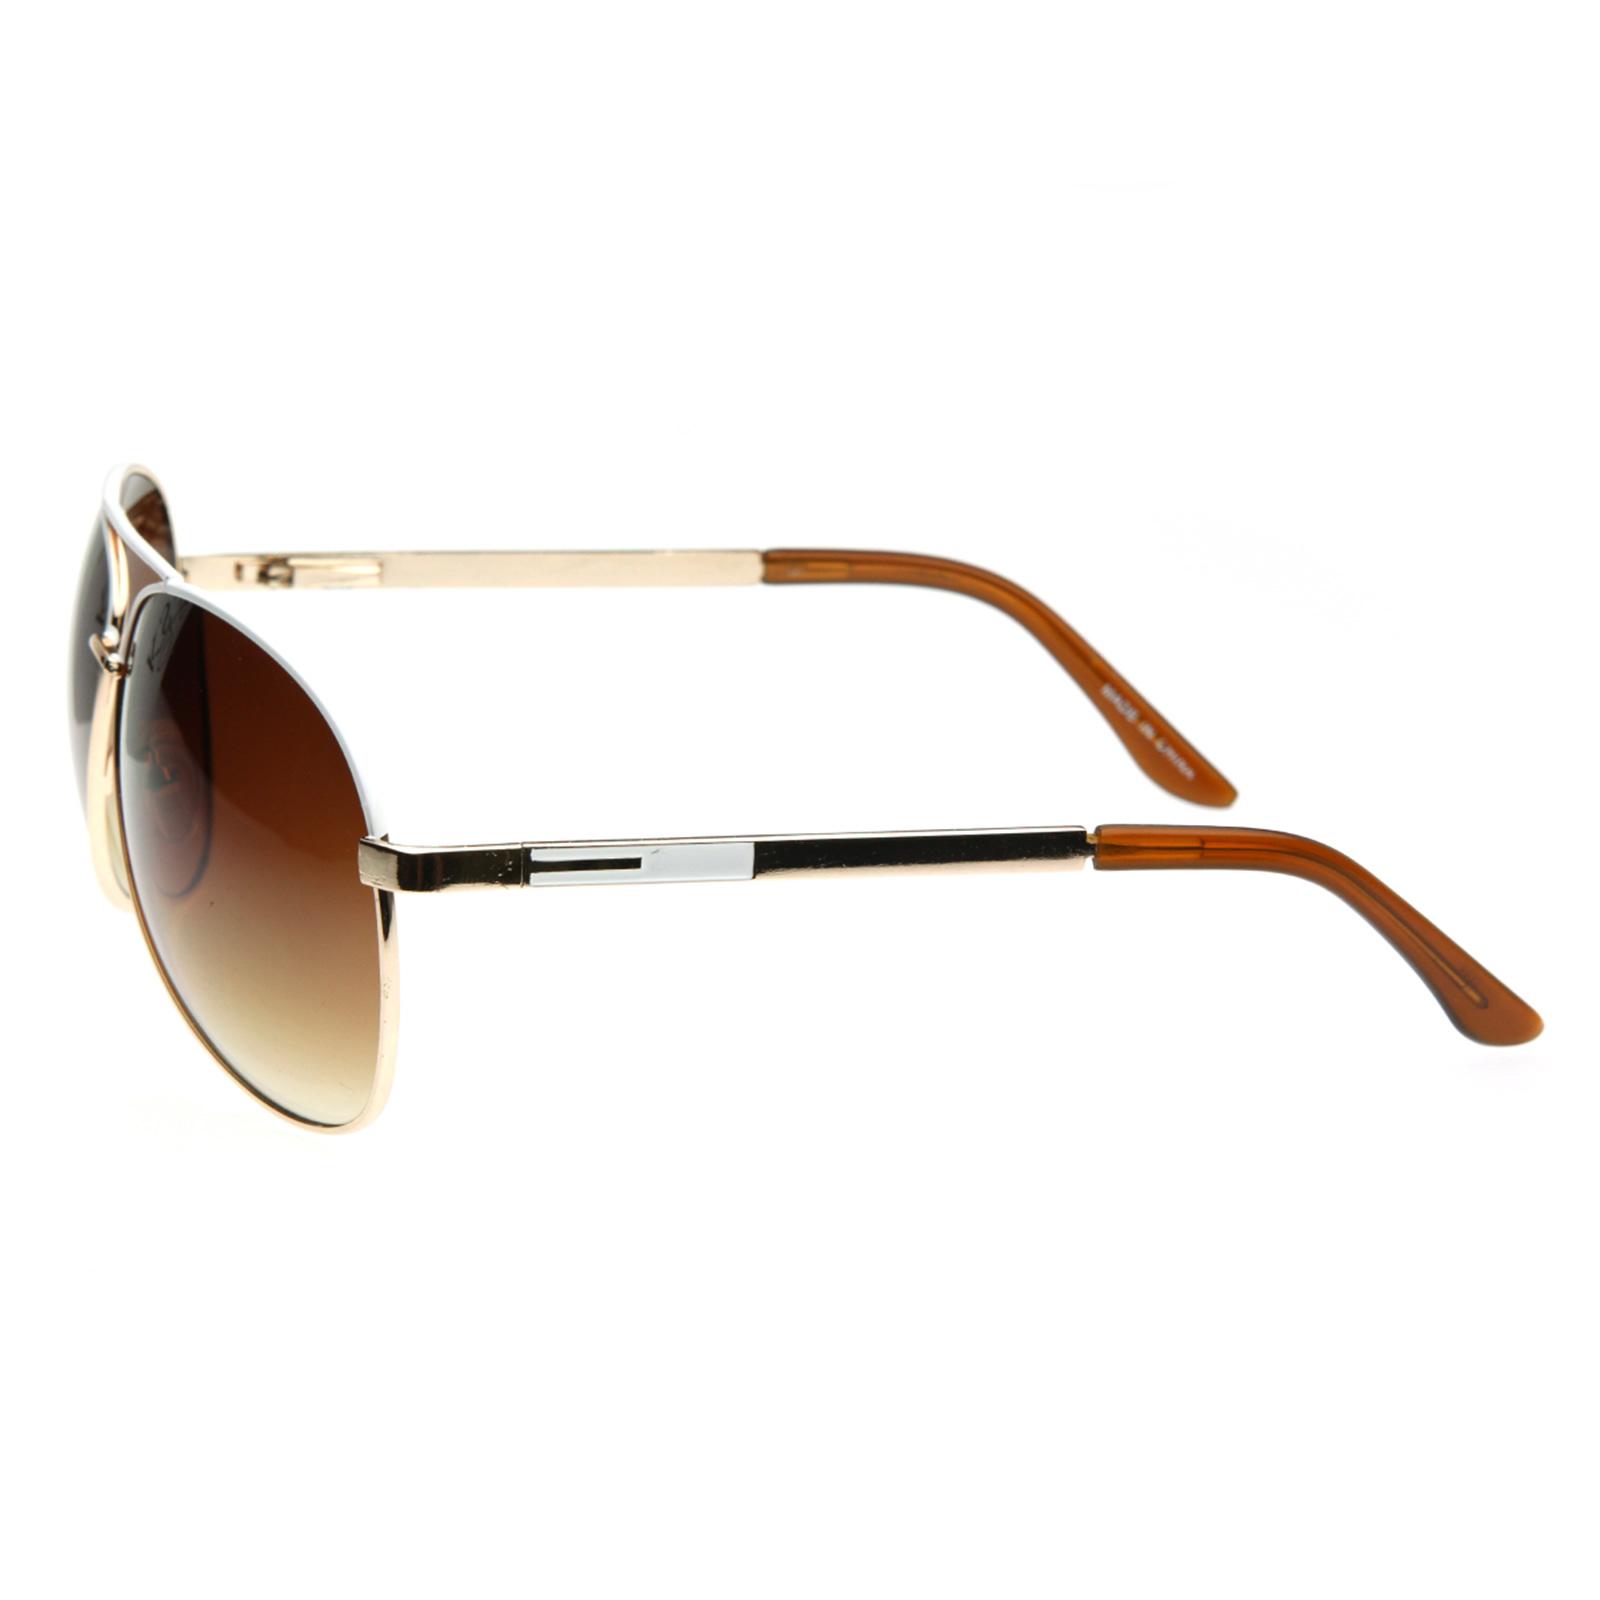 designer aviator sunglasses  designer inspired large